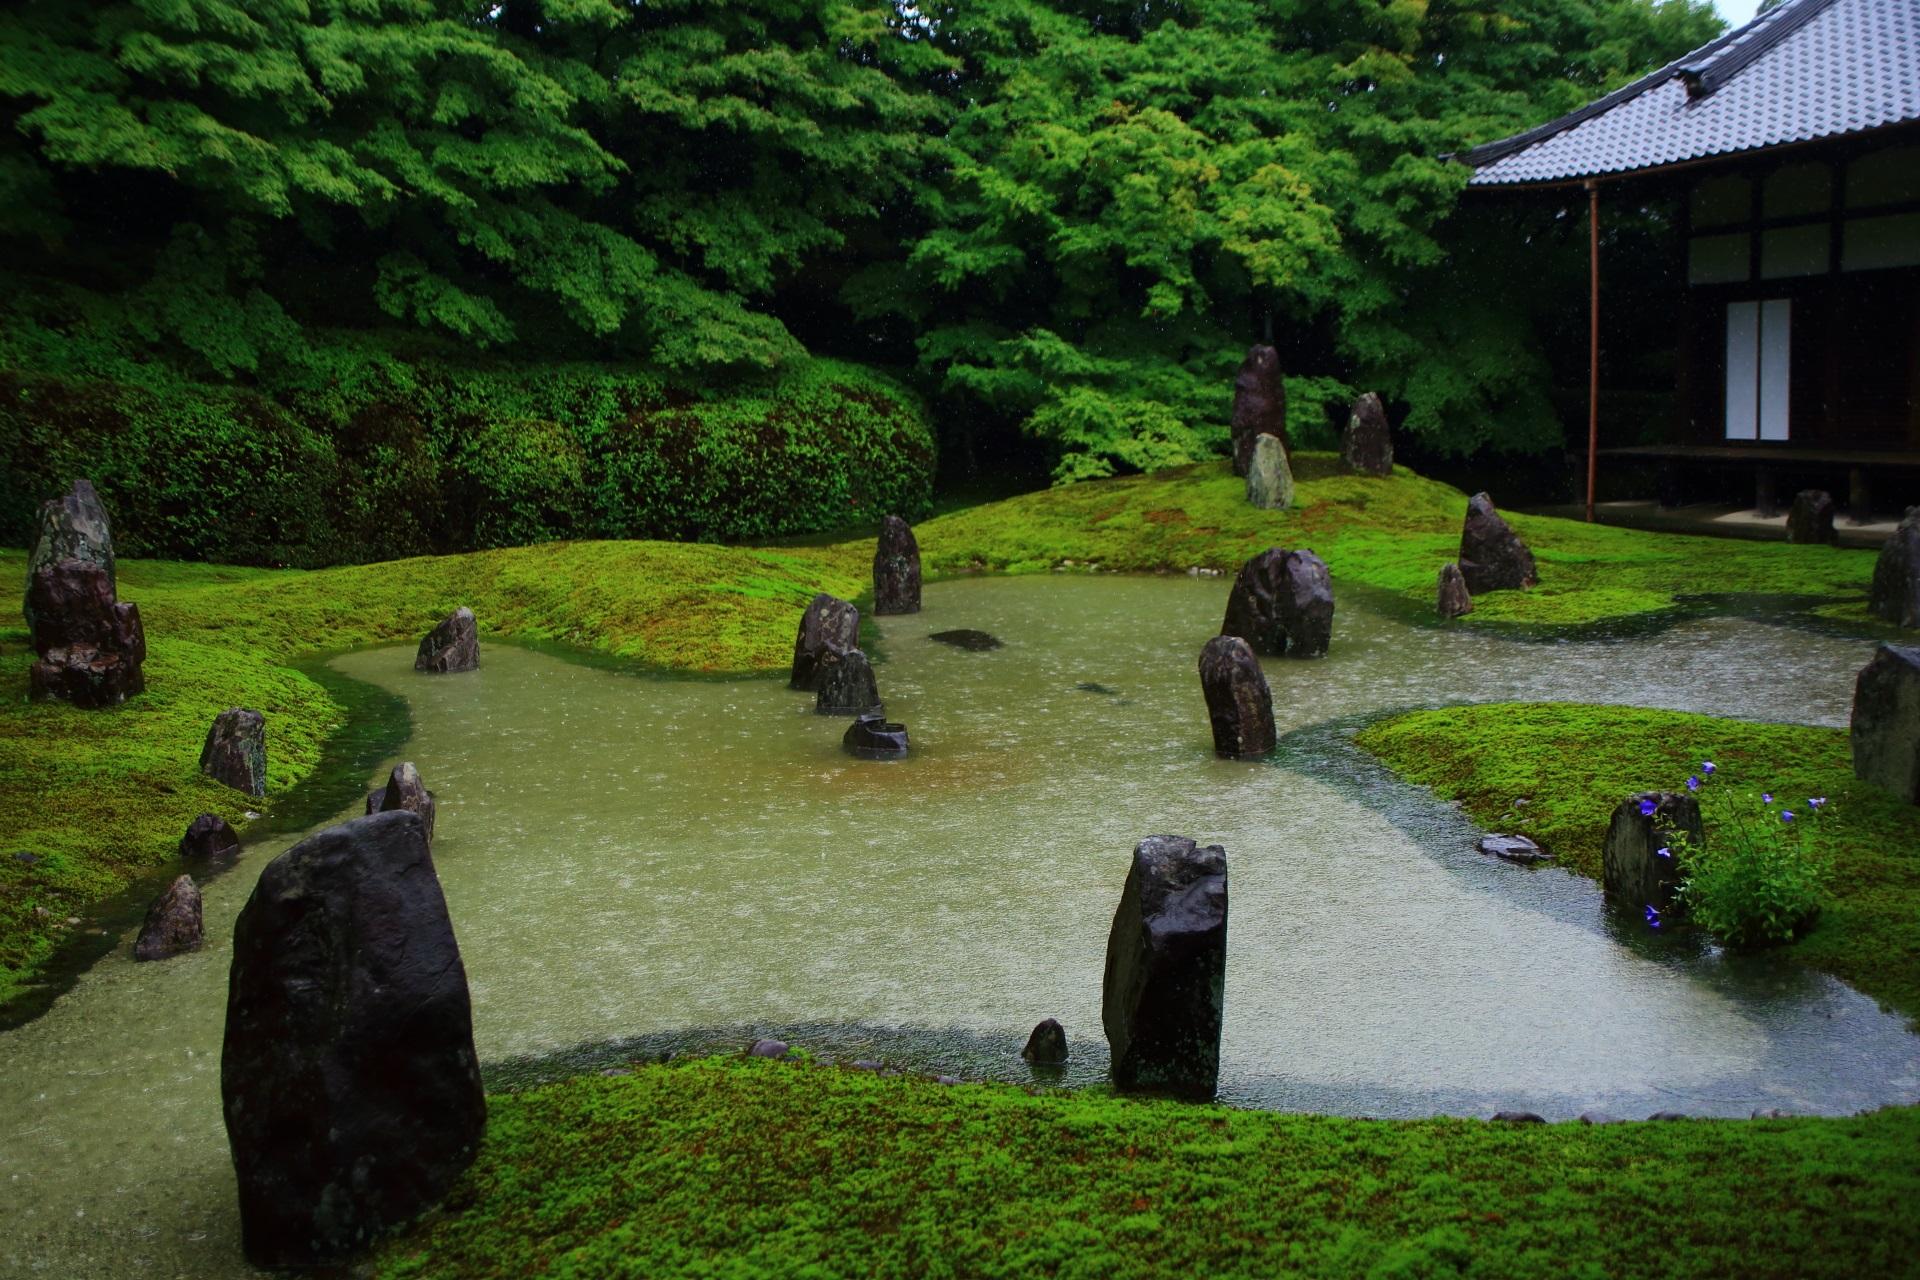 枯山水庭園のはずが見事な池泉式庭園になっている光明院の波心庭